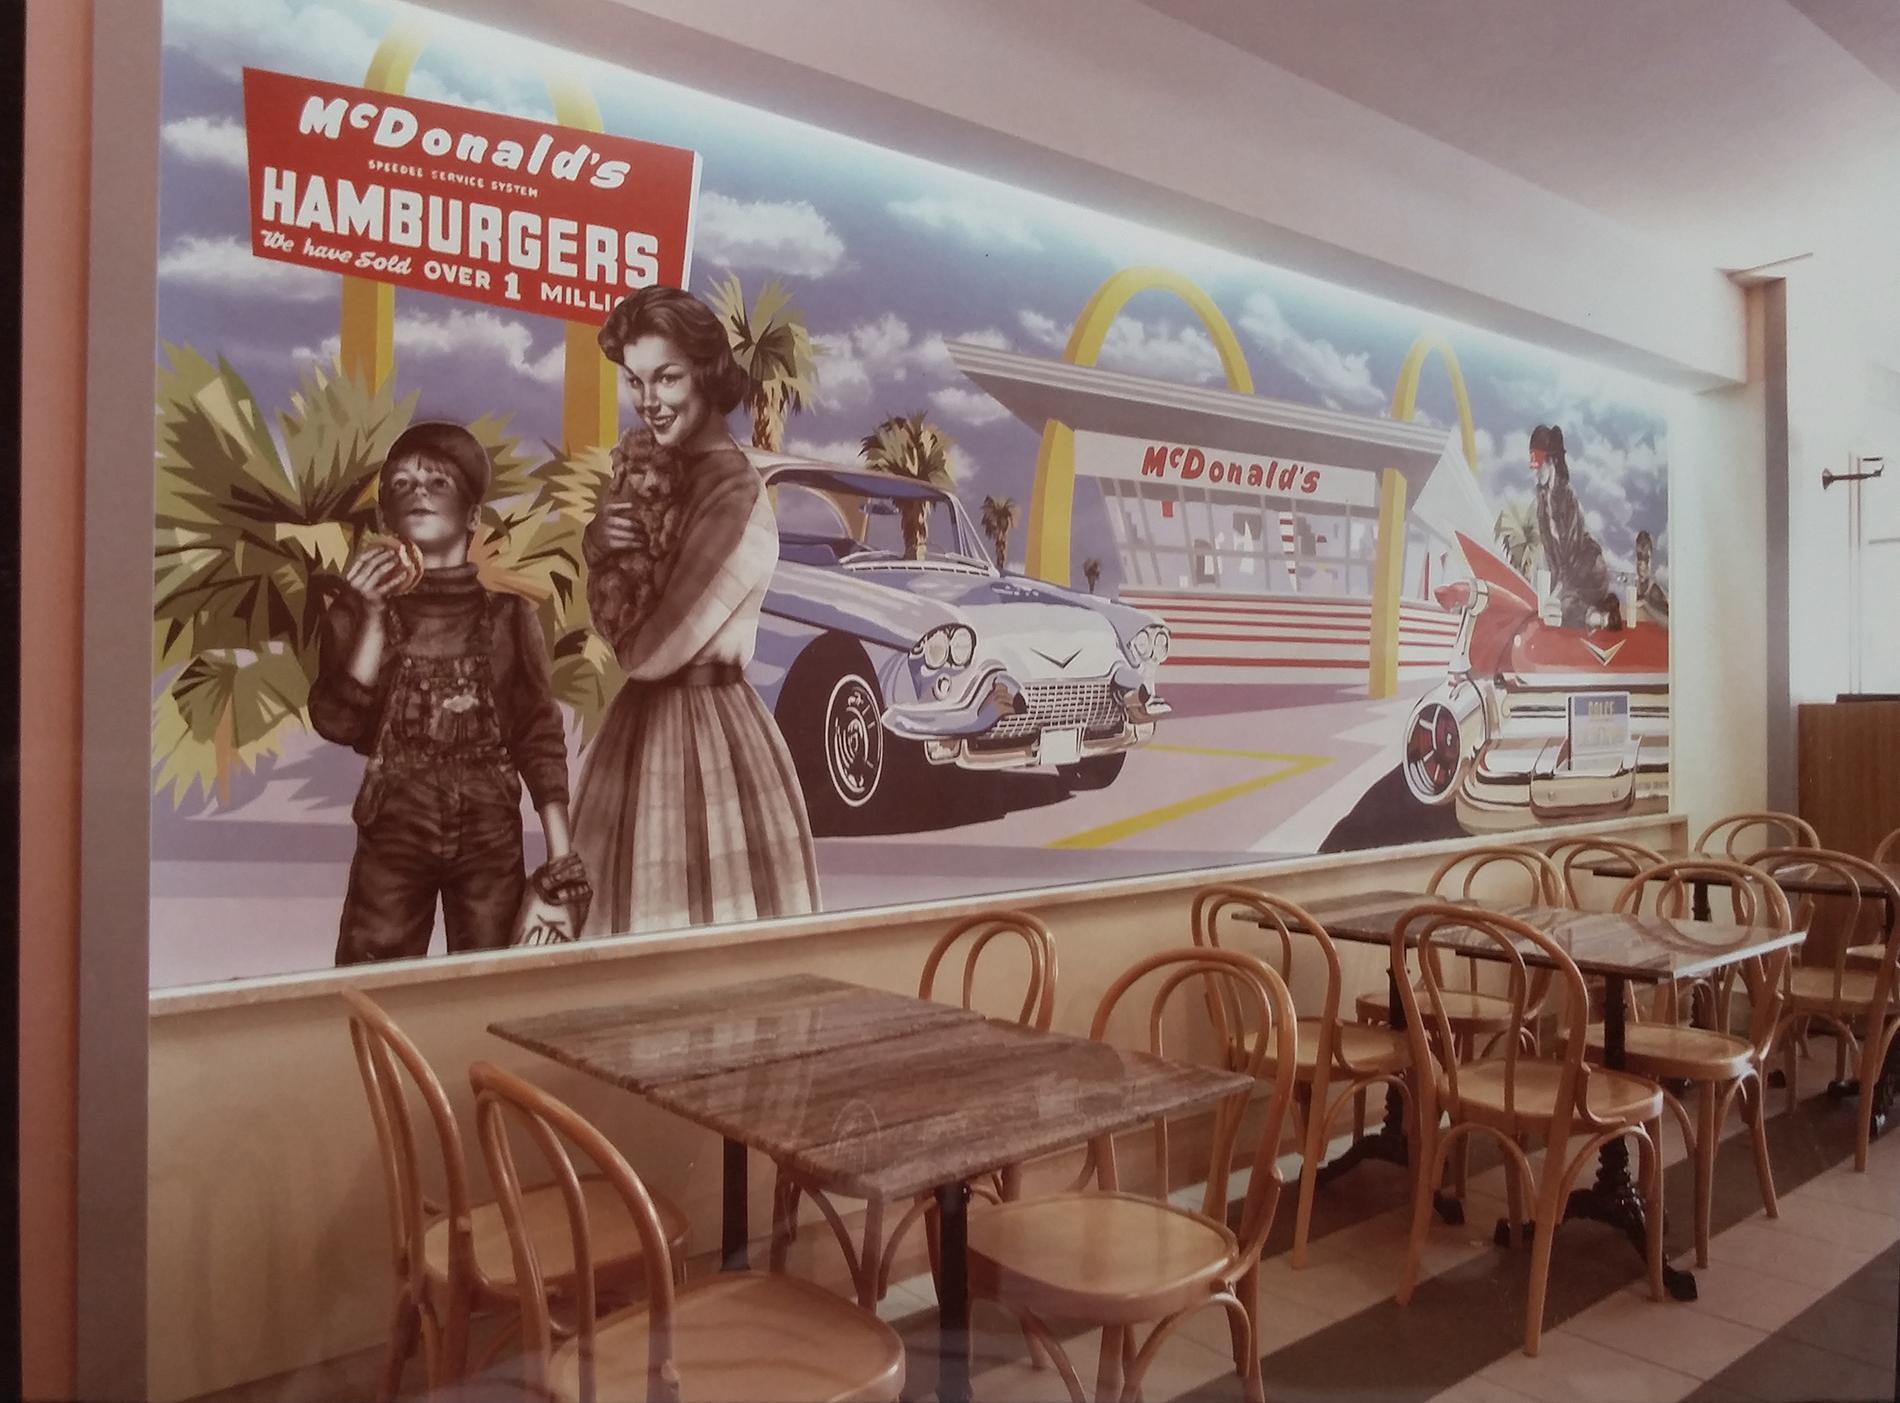 """""""Drive-in"""" Mc Donald's Roma Tecnica mista. Colorazione ad acrilico su tela. Mq 80, """"Drive in"""" Mc Donald's Roma, tecnica mista, acrilico su tela, acrilico su tela poi incollata su parete, decorazione per fast food, decorazione realizzata ad aereografo e dipinta a pennello, decorazione per pub, decorazione per fast food, decorazione per ristoranti, decorazione per discoteche"""